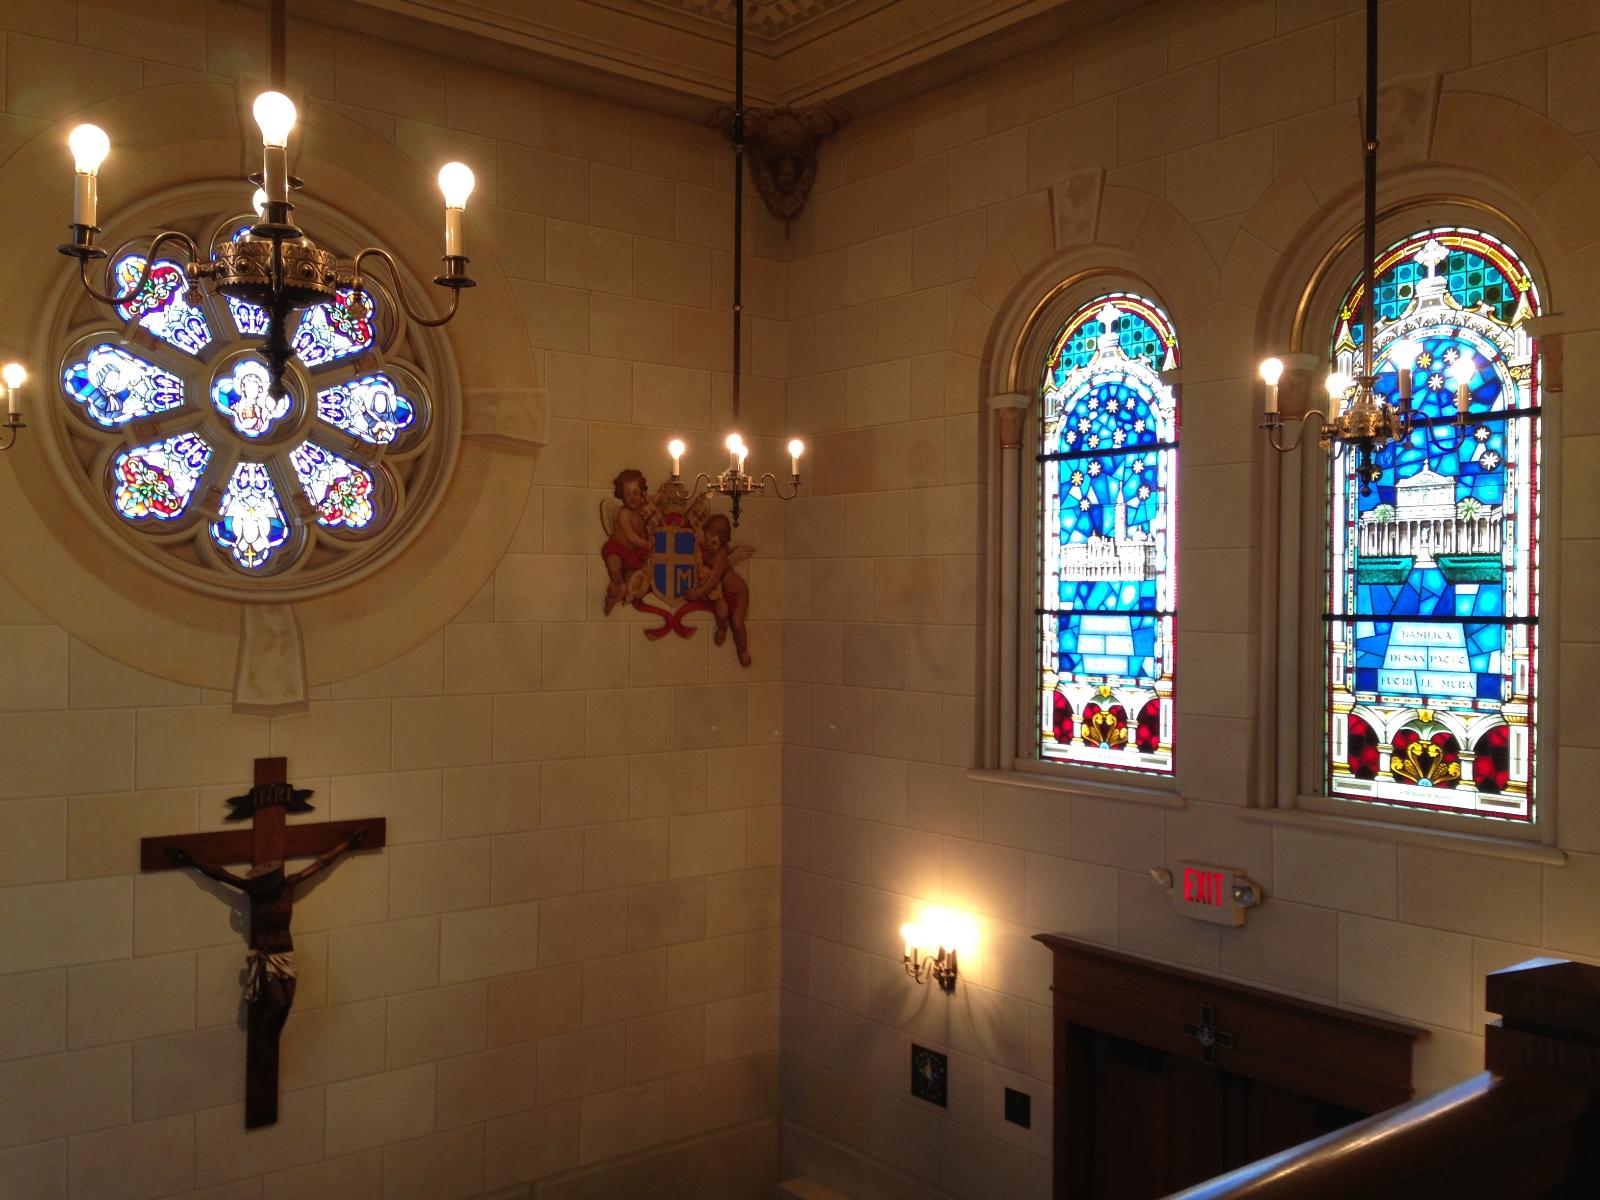 Basilica lobby area.